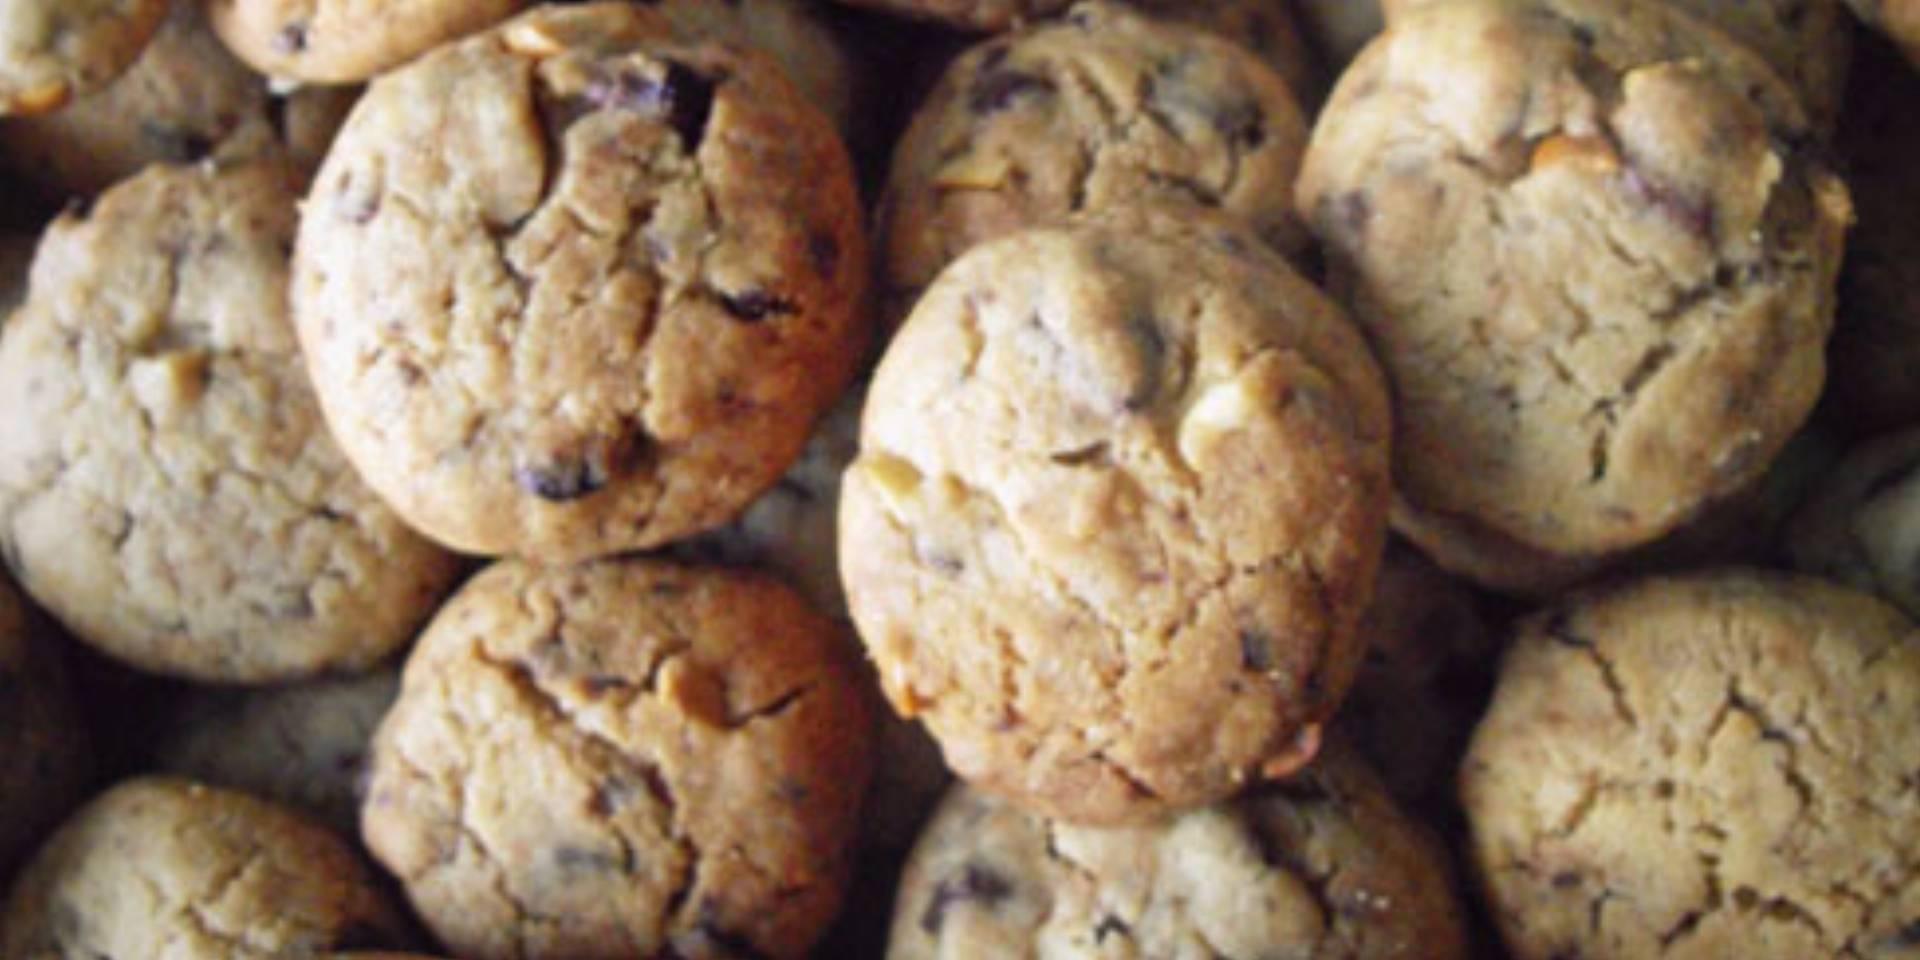 Kruche ciasteczka maślane z kawałkami czekolady